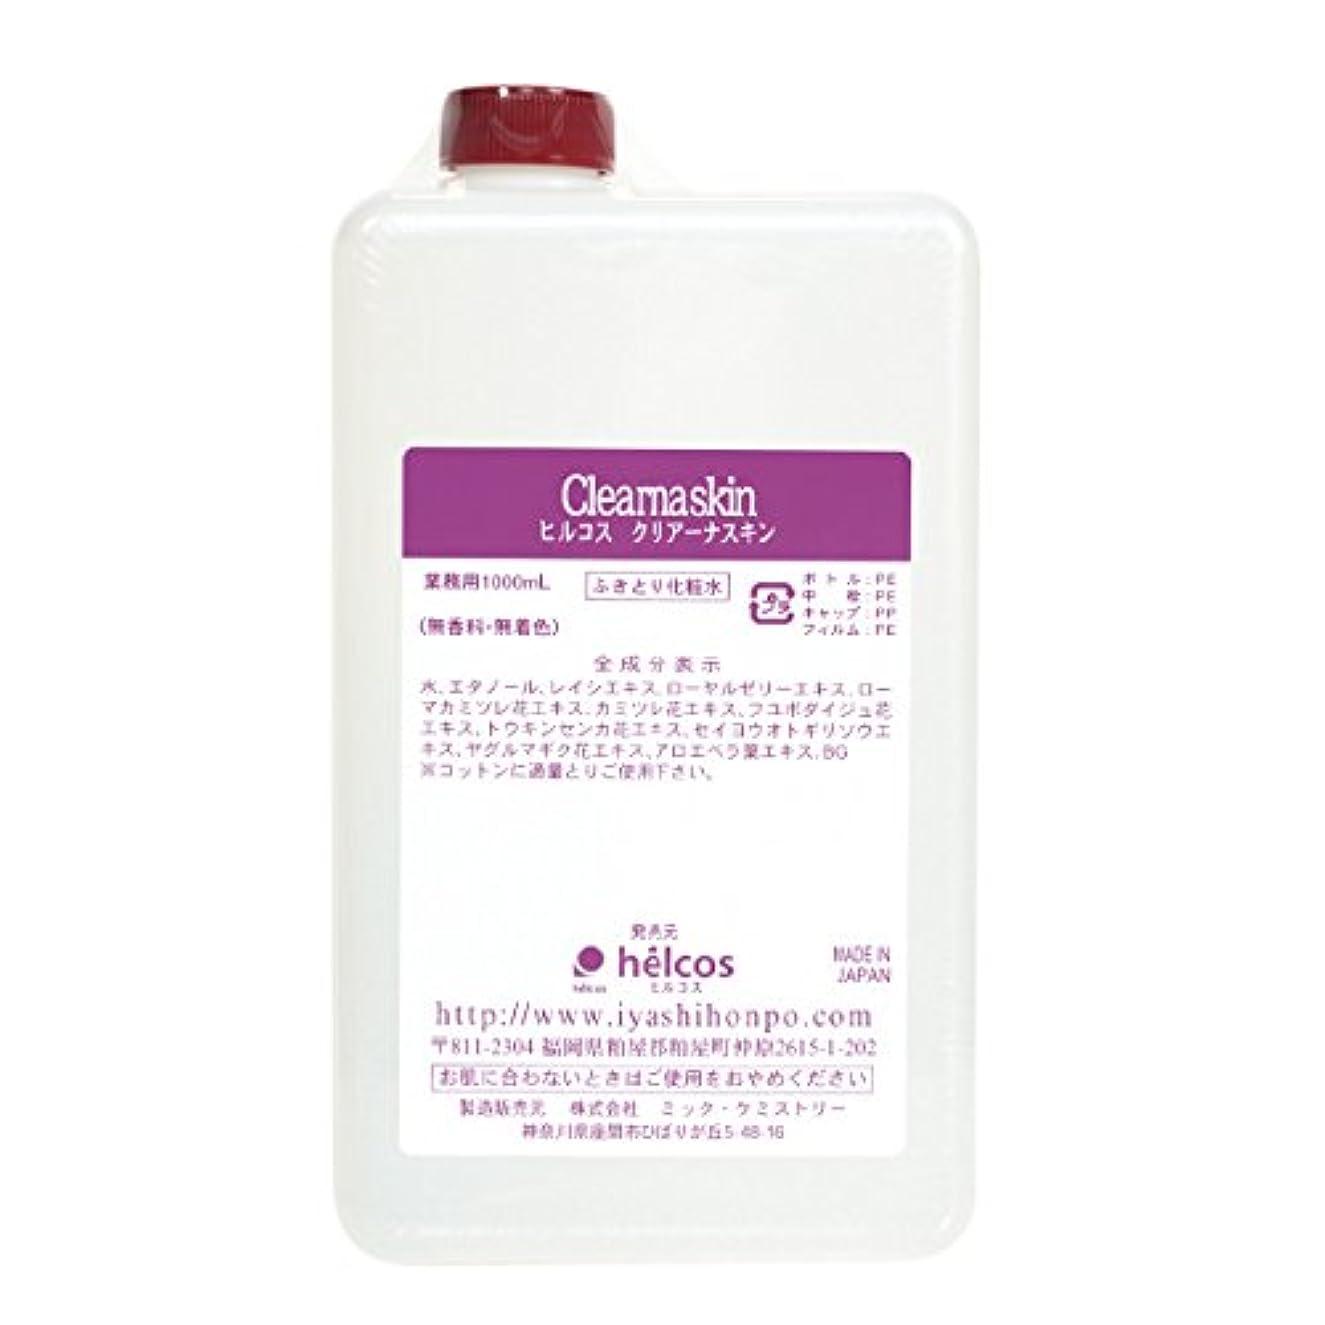 スプリット変色するおとこヒルコス まつげエクステ前処理剤 クリアーナスキン 1000mL 業務用